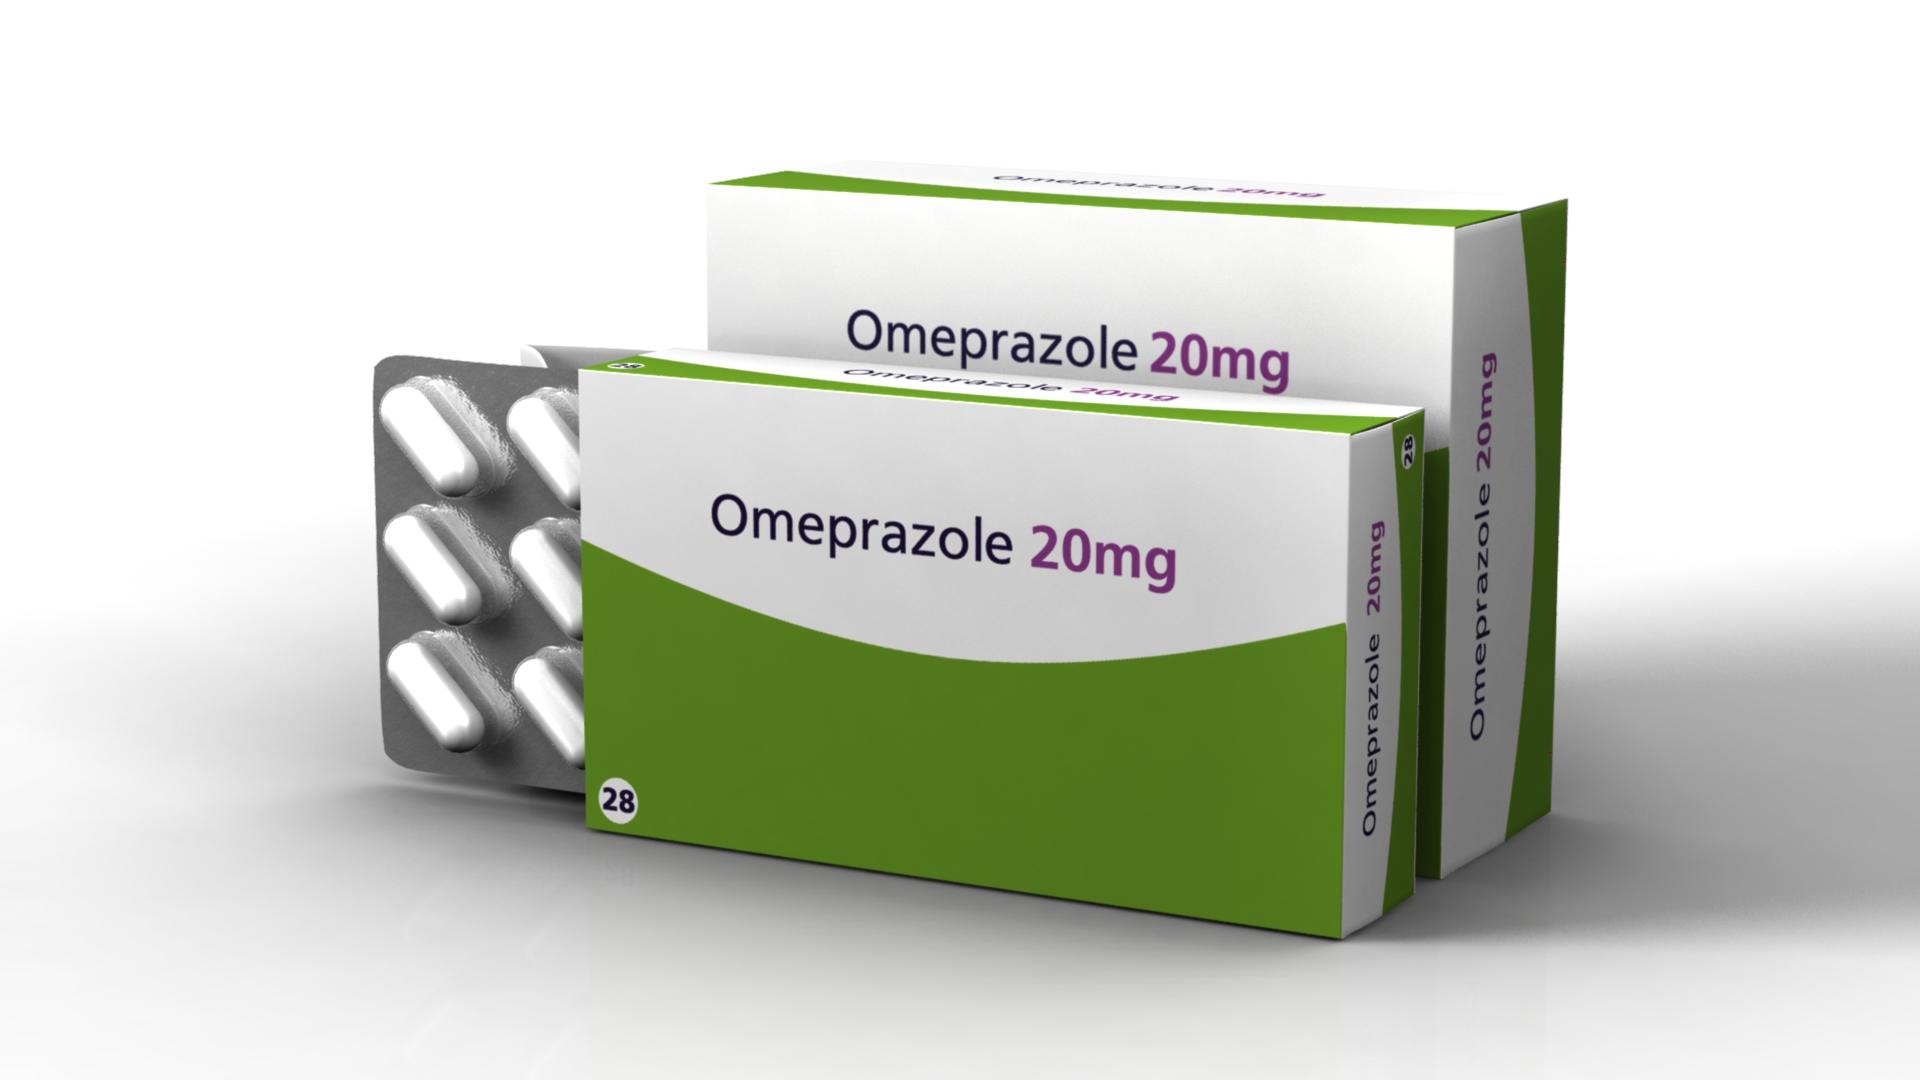 Publicidad-Fármaco-Grupoaudiovisual